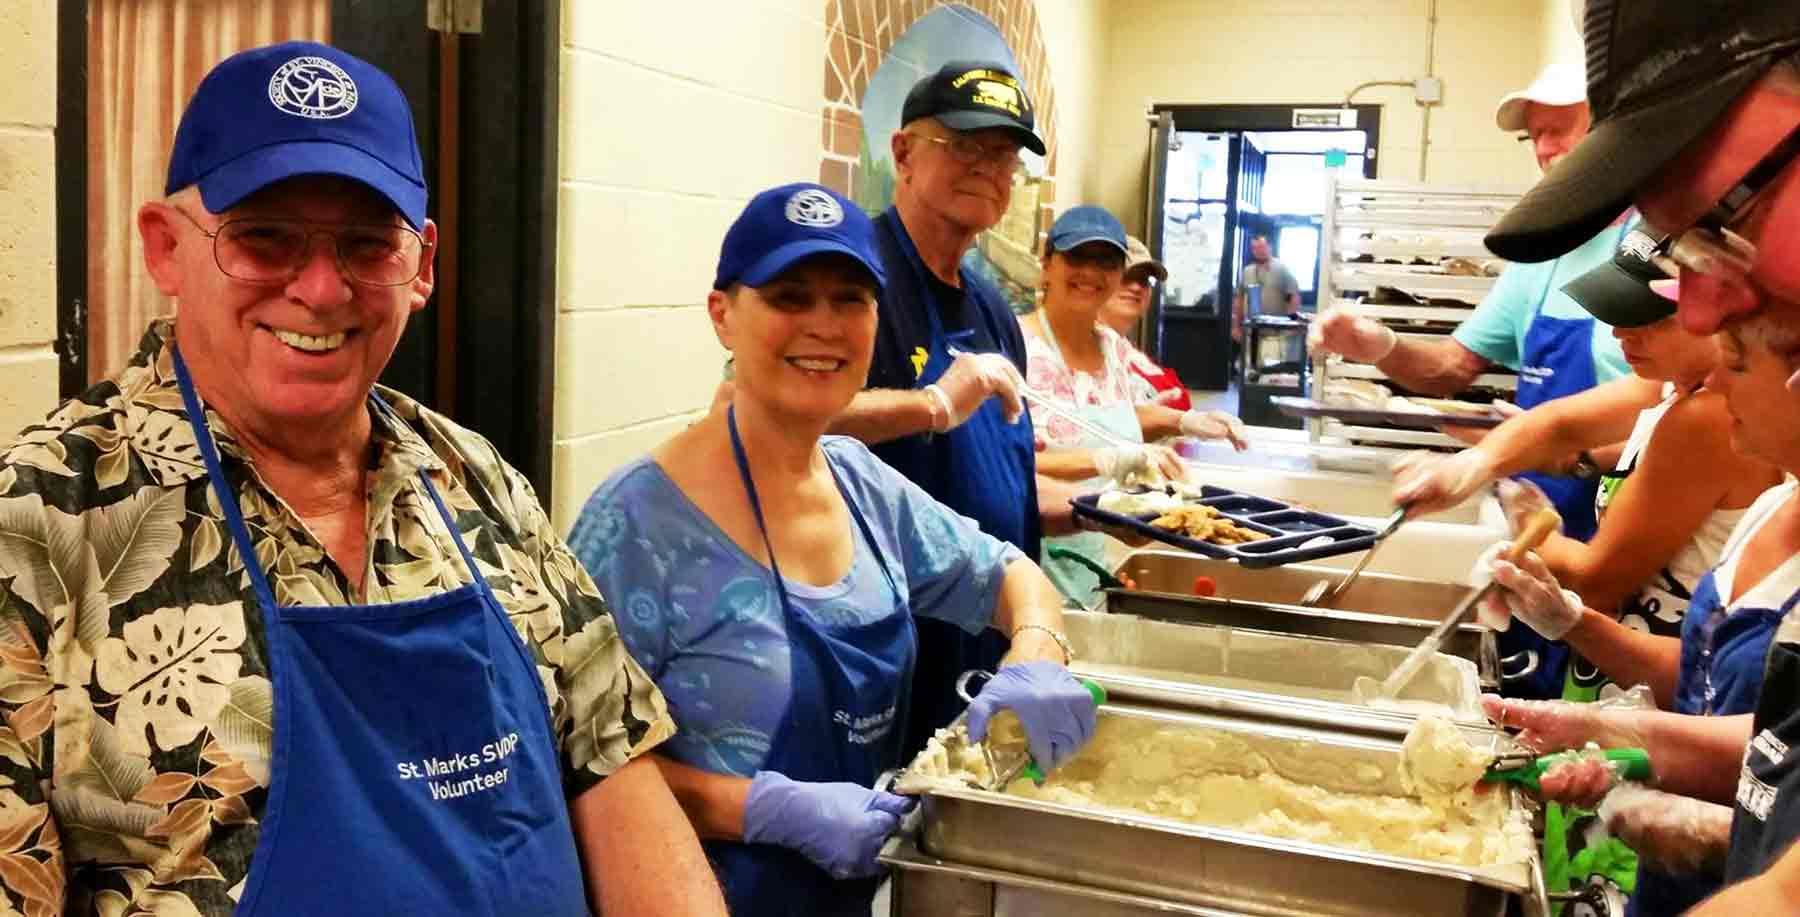 Meating the Need volunteers